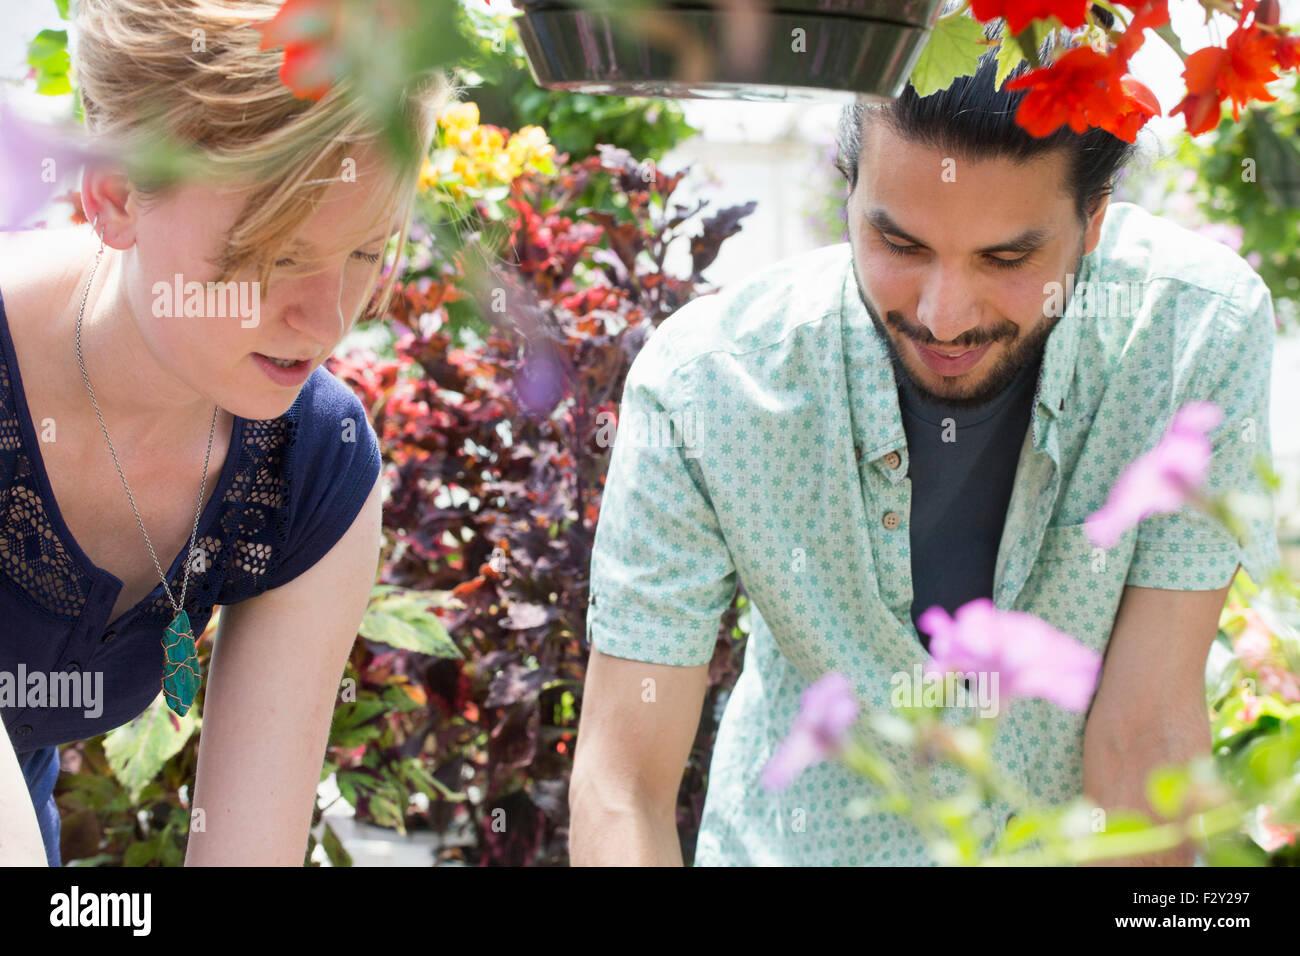 Ein Mann und eine Frau in einem Garten-Center, beide auf der Suche nach unten. Stockbild